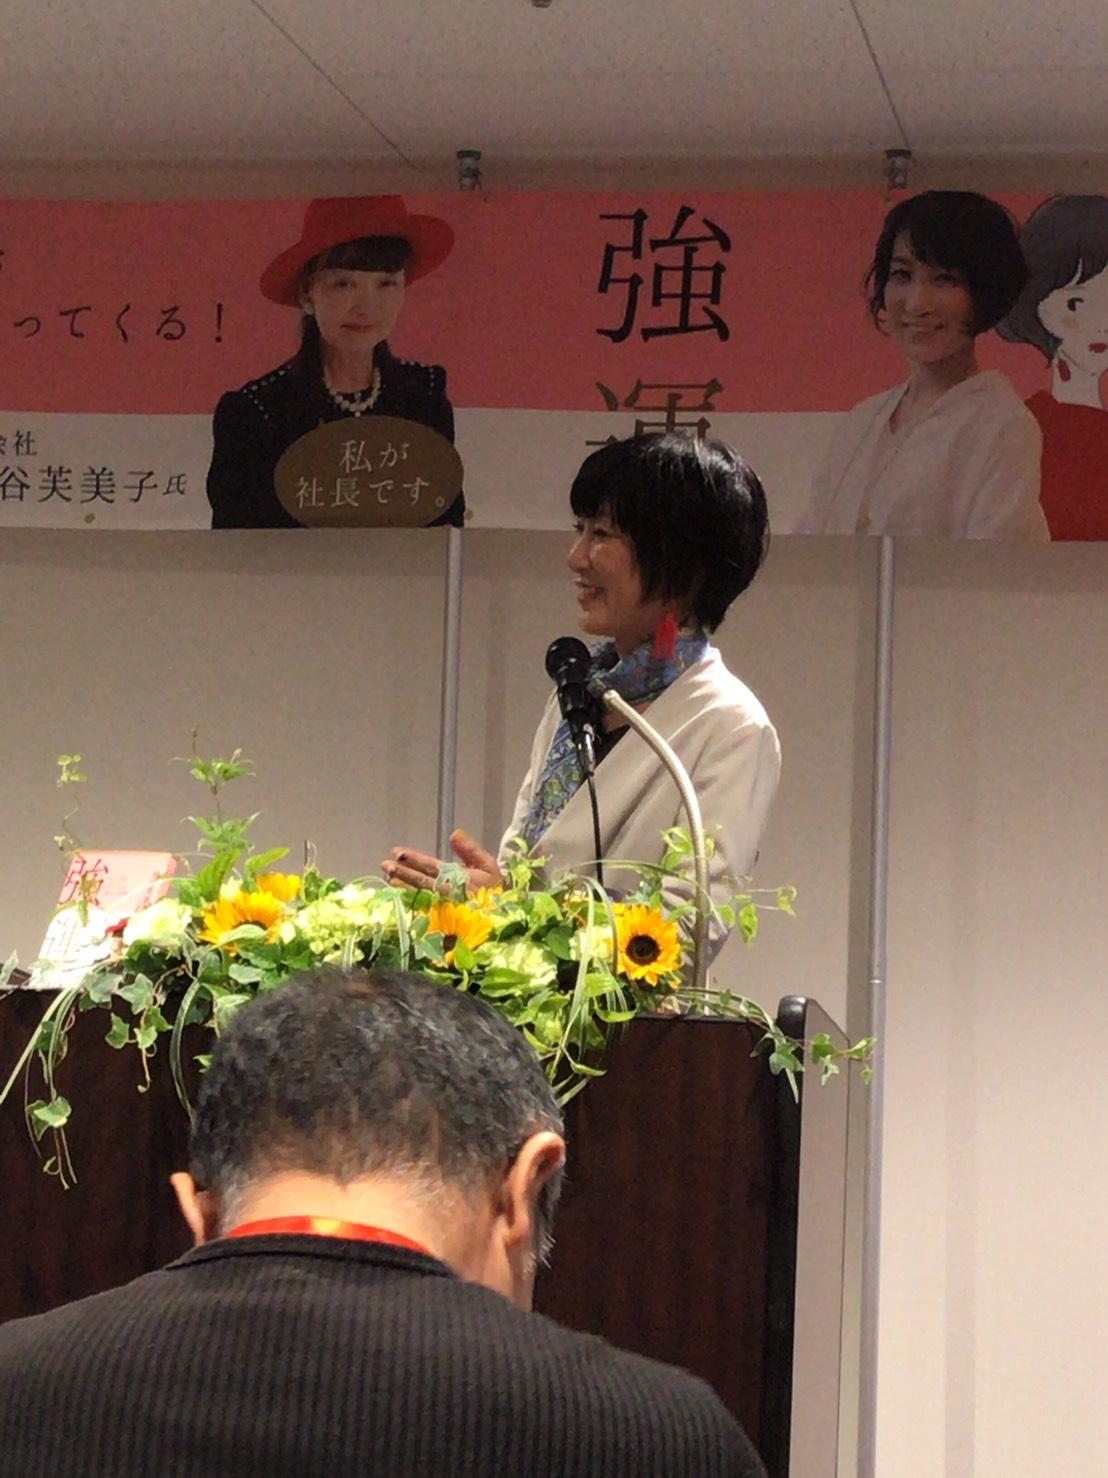 境谷明子さん